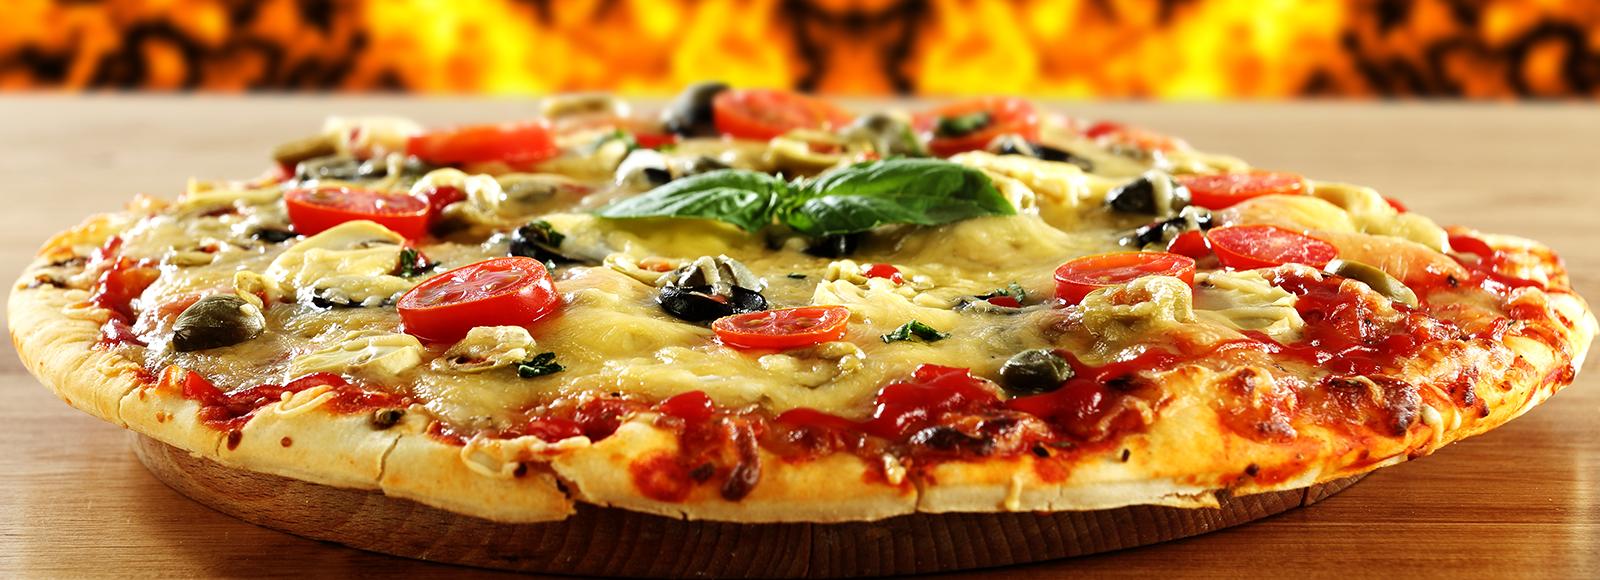 Xpress Pizza Xpress Pizza Spalding Takeaway Order Online